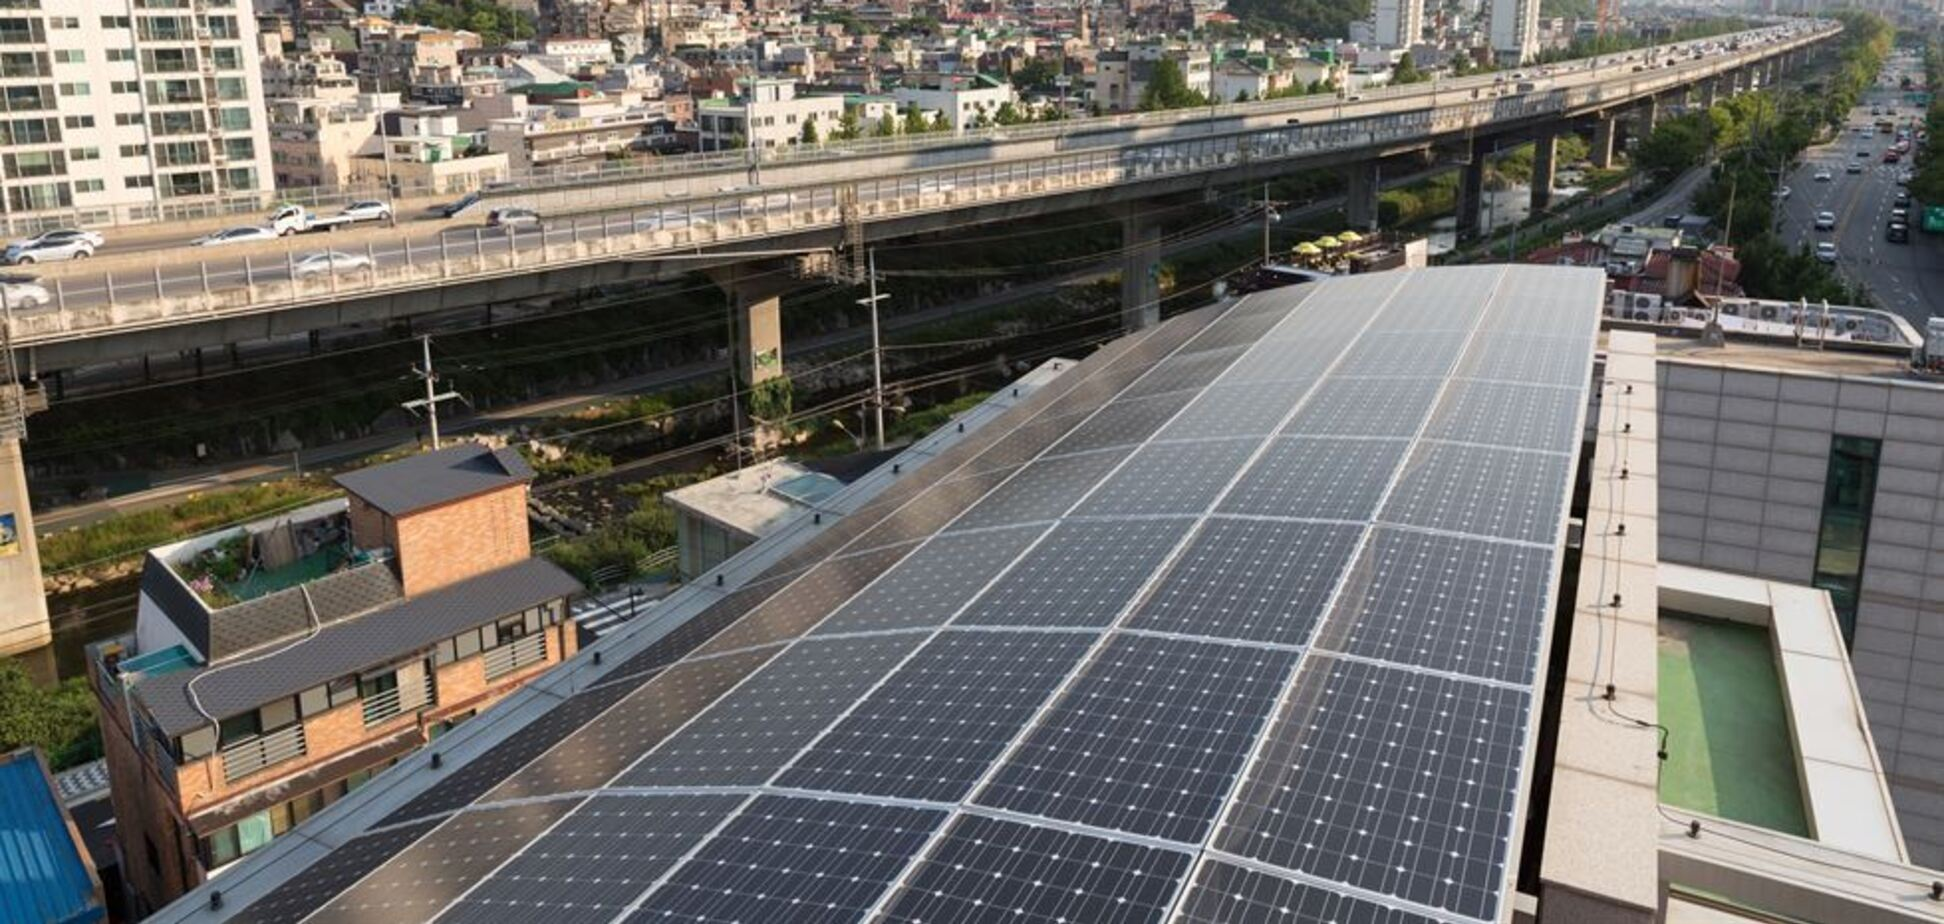 У Кореї житлові будинки перетворять на генератори відновлюваної енергії: що планують зробити